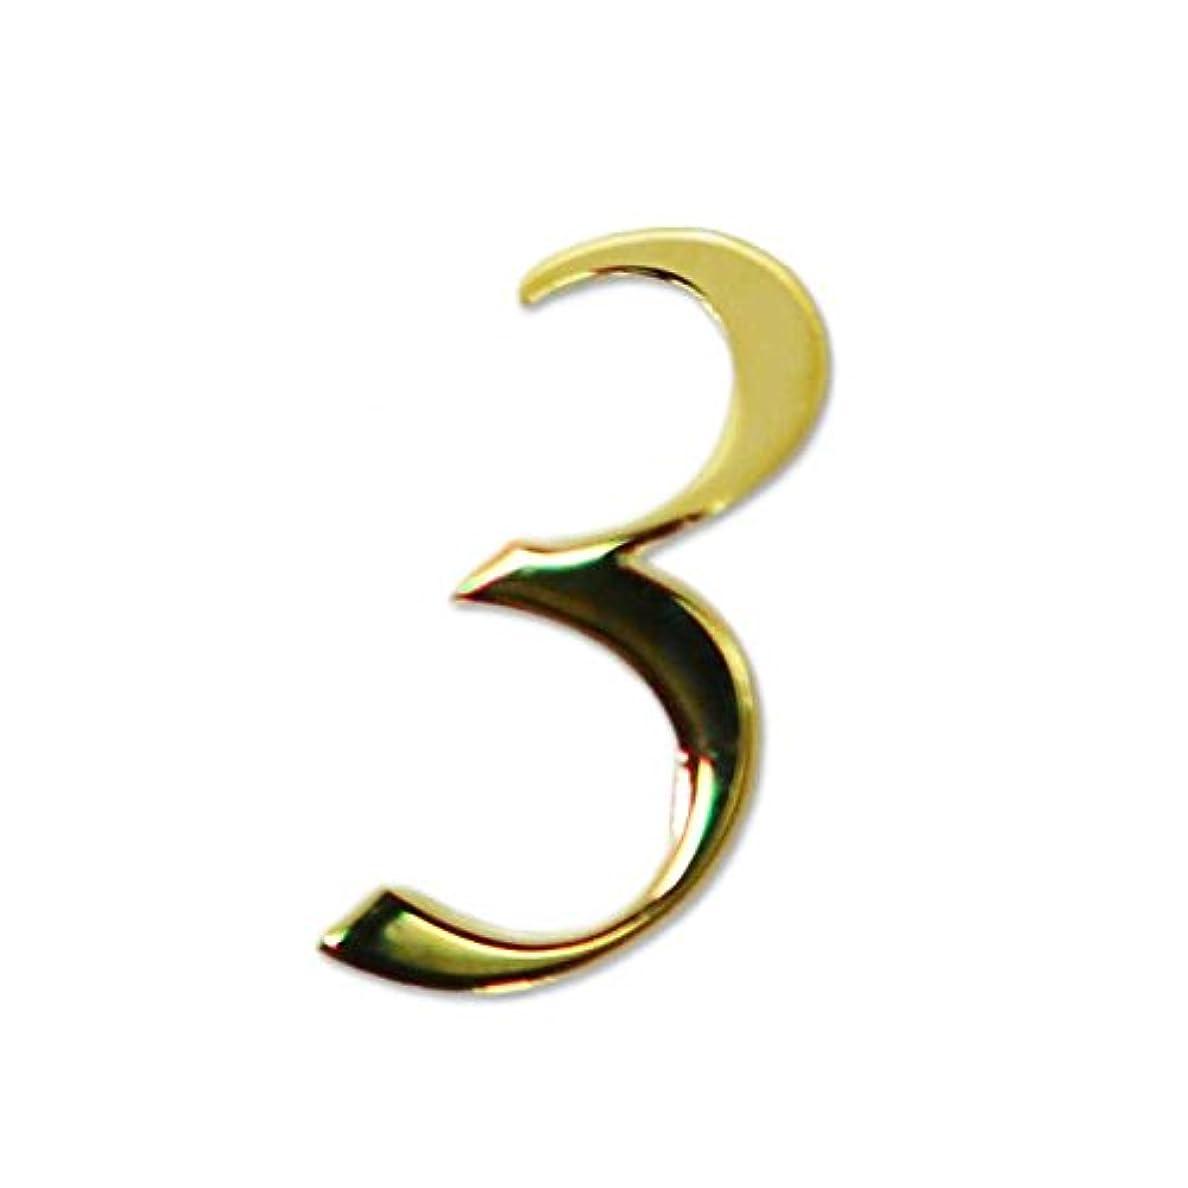 ペイント予想外モットー3/ゴールド?数字の薄型メタルパーツ 3 (Three) 3mmx5mm ゴールド 10枚